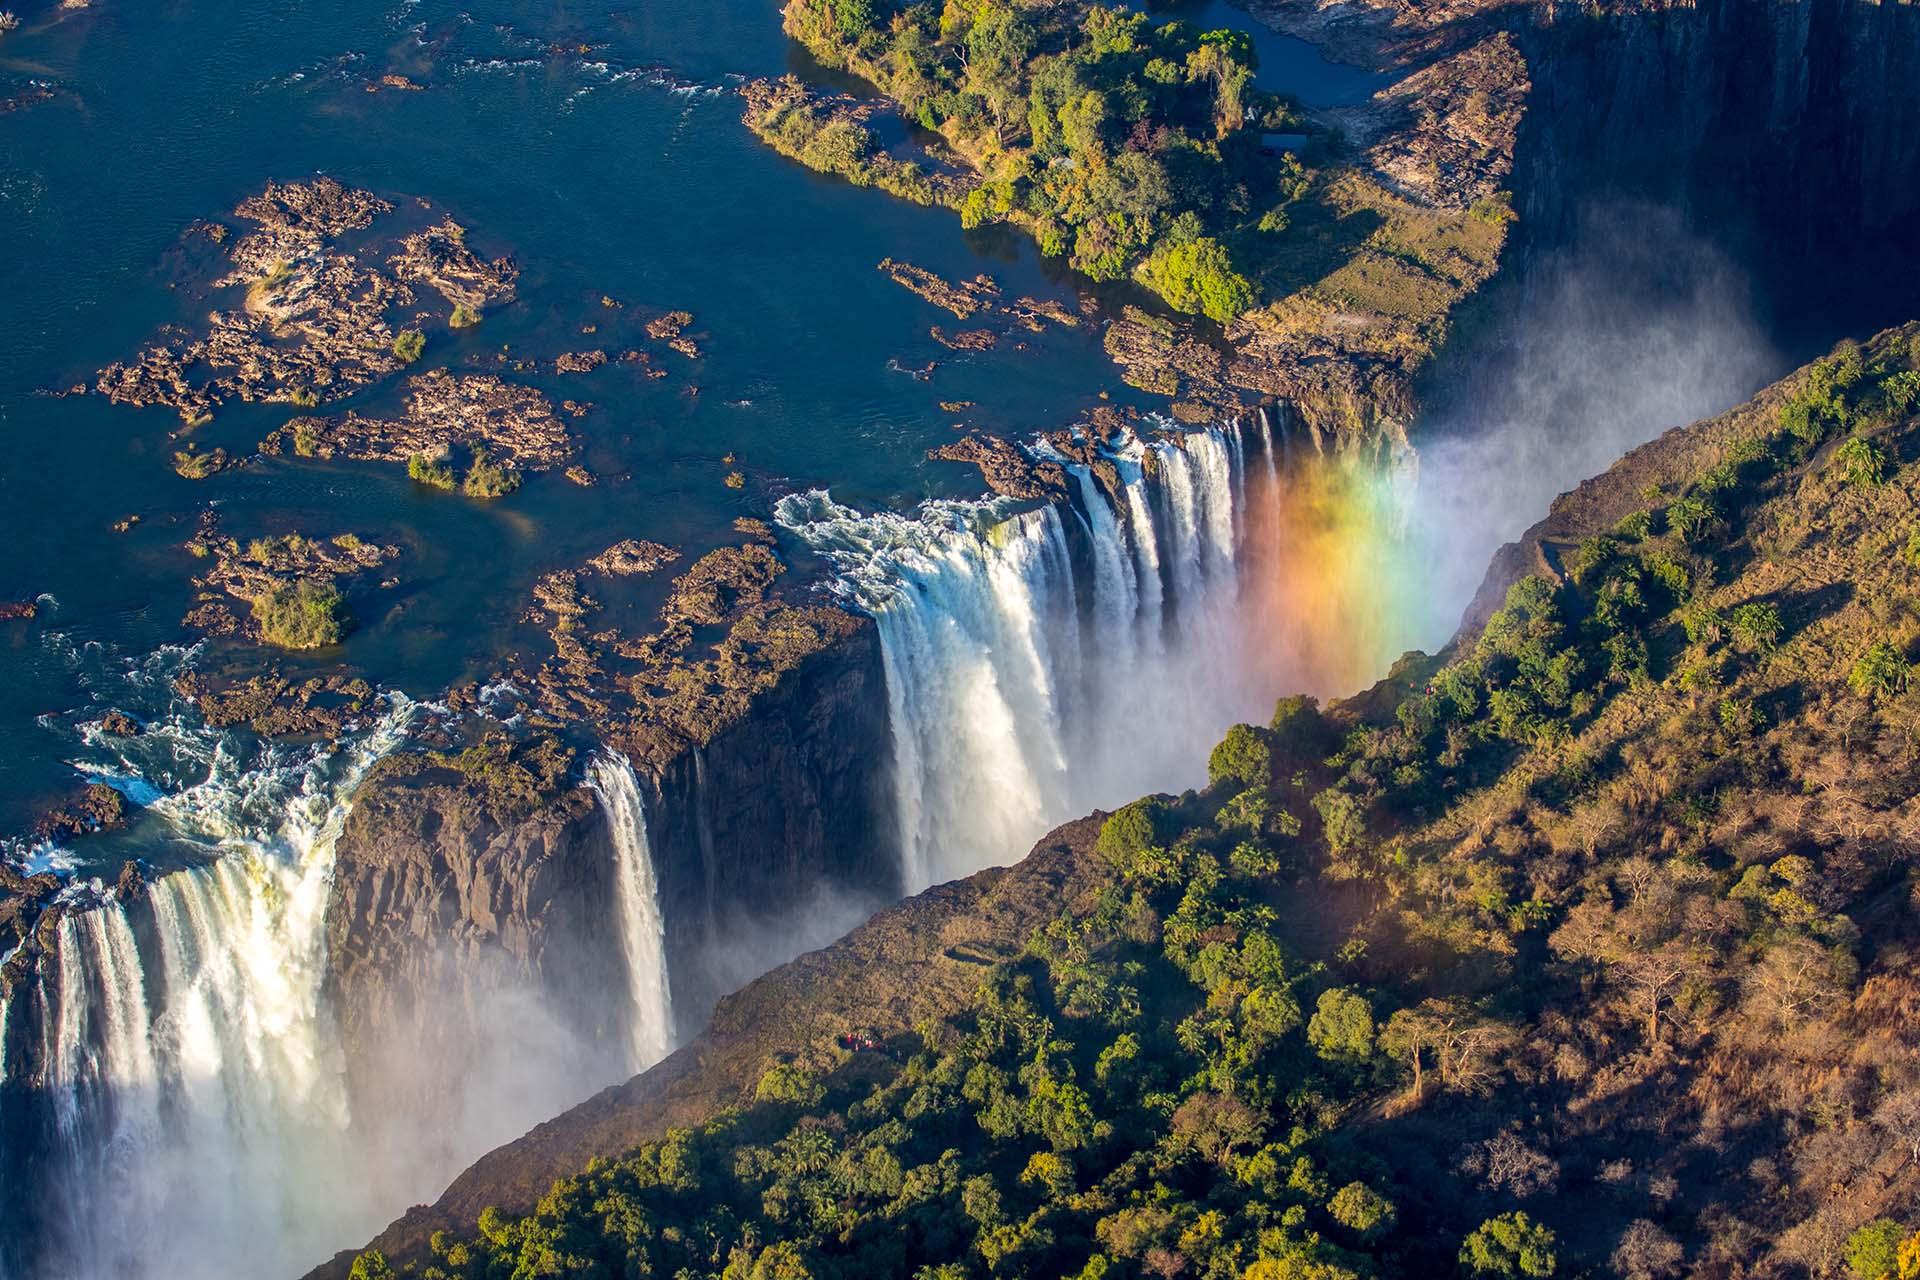 """Si bien no es la más alta, tiene el récord de la cascada más grande por volumen. En el siglo XIX, la tribu Kololo que vivía en el área apodó a las cataratas """"Mosi-oa-Tunya"""", que se traduce como """"El humo que truena"""""""